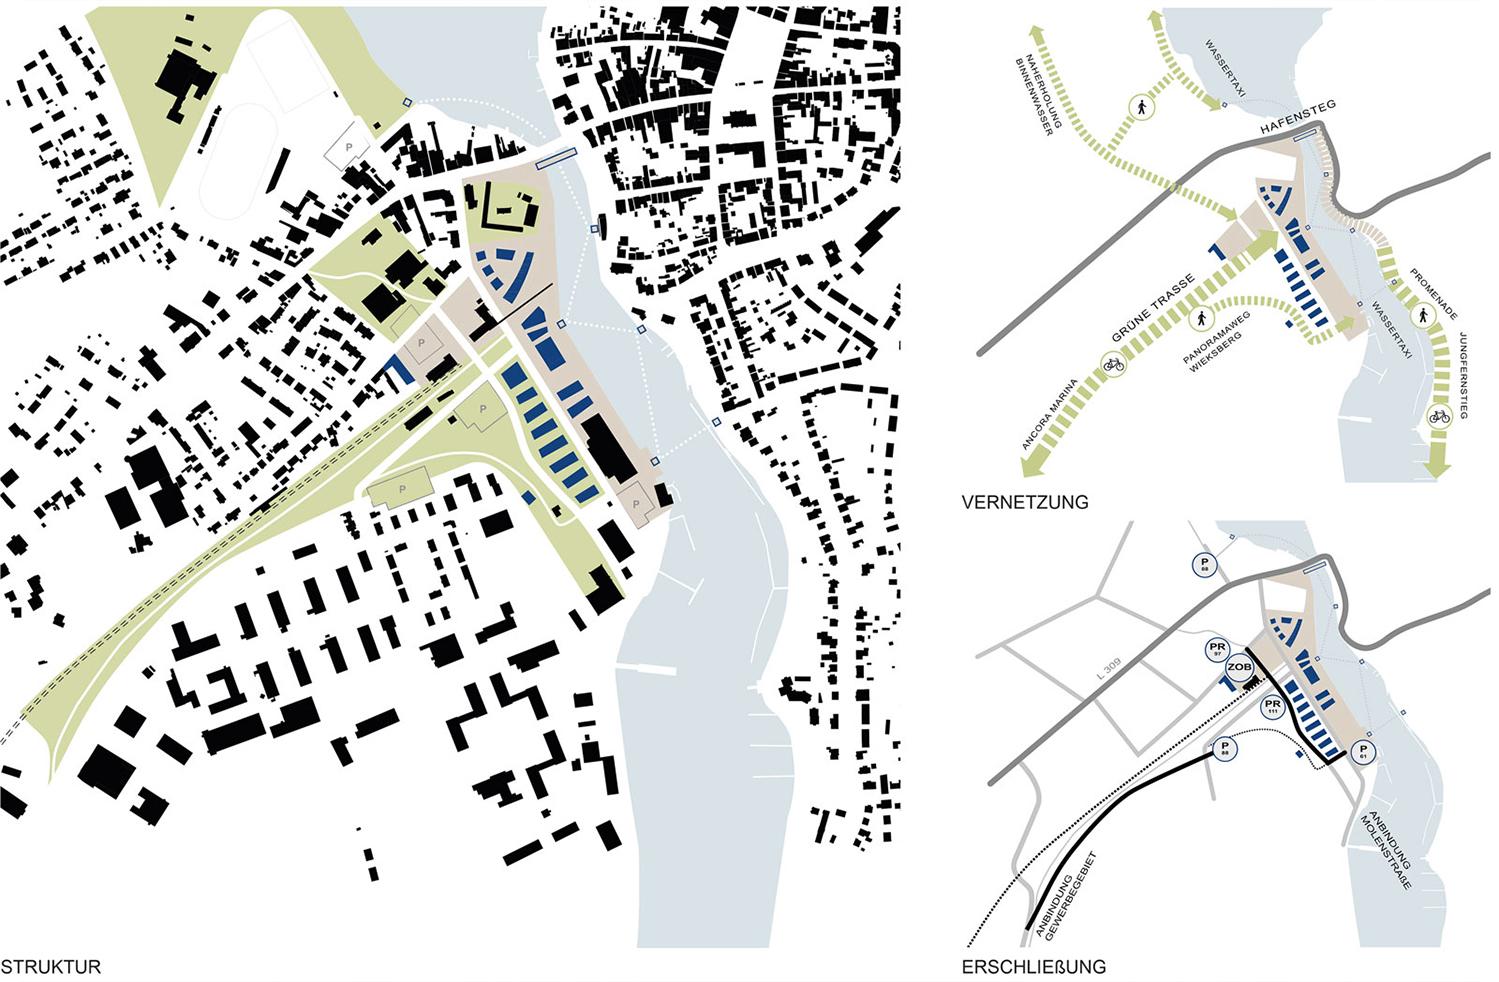 Y:BIZ_Berlin_Centro Visitas BundestagBIZ segunda fasetrabajo